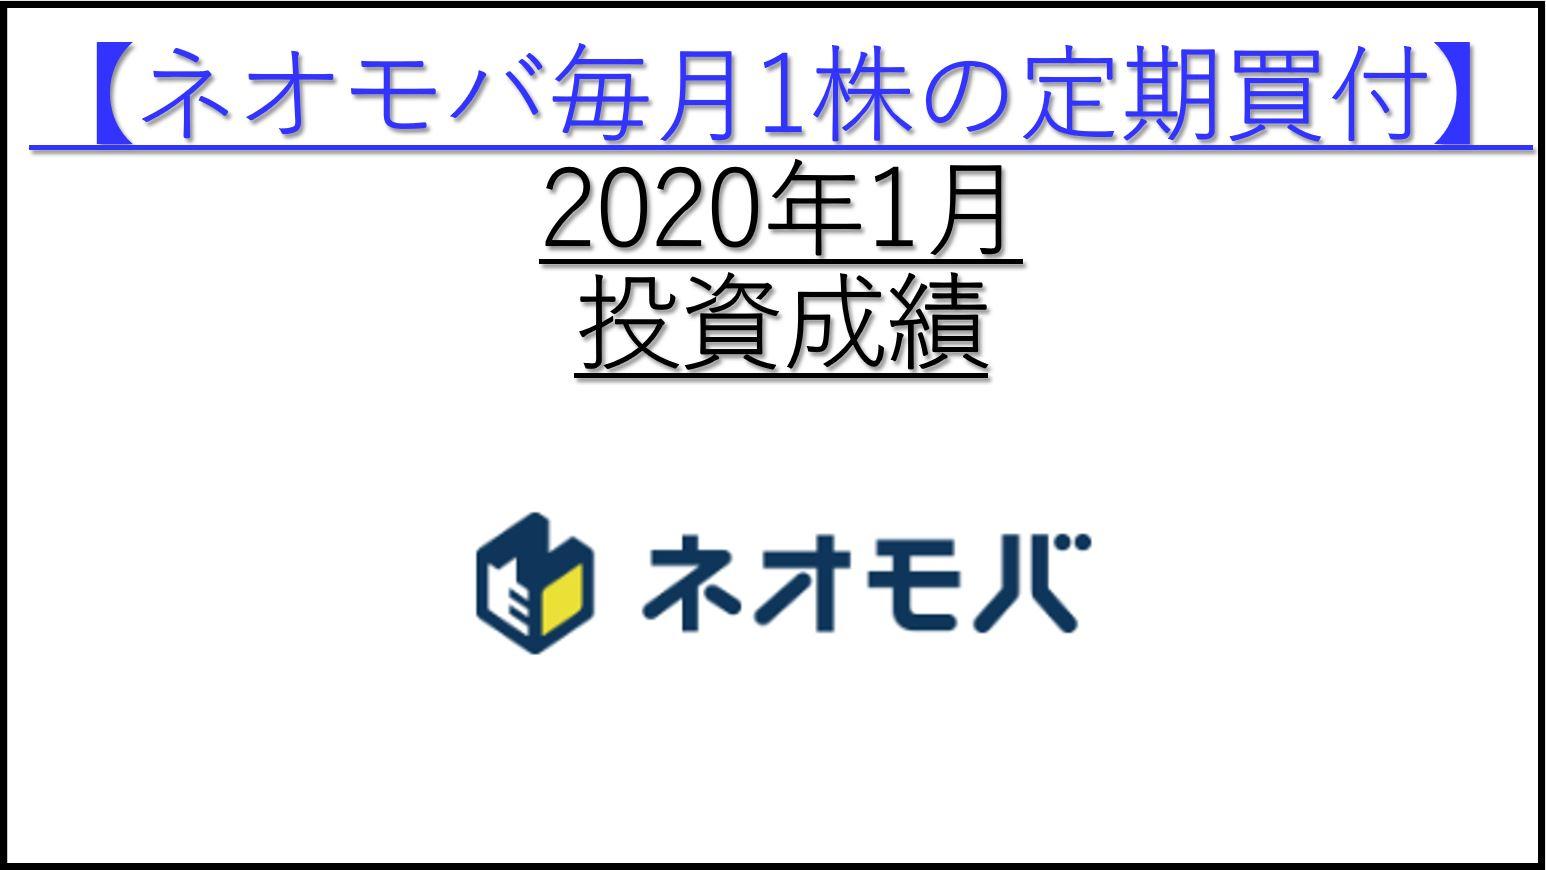 2020年-1月-投資成績